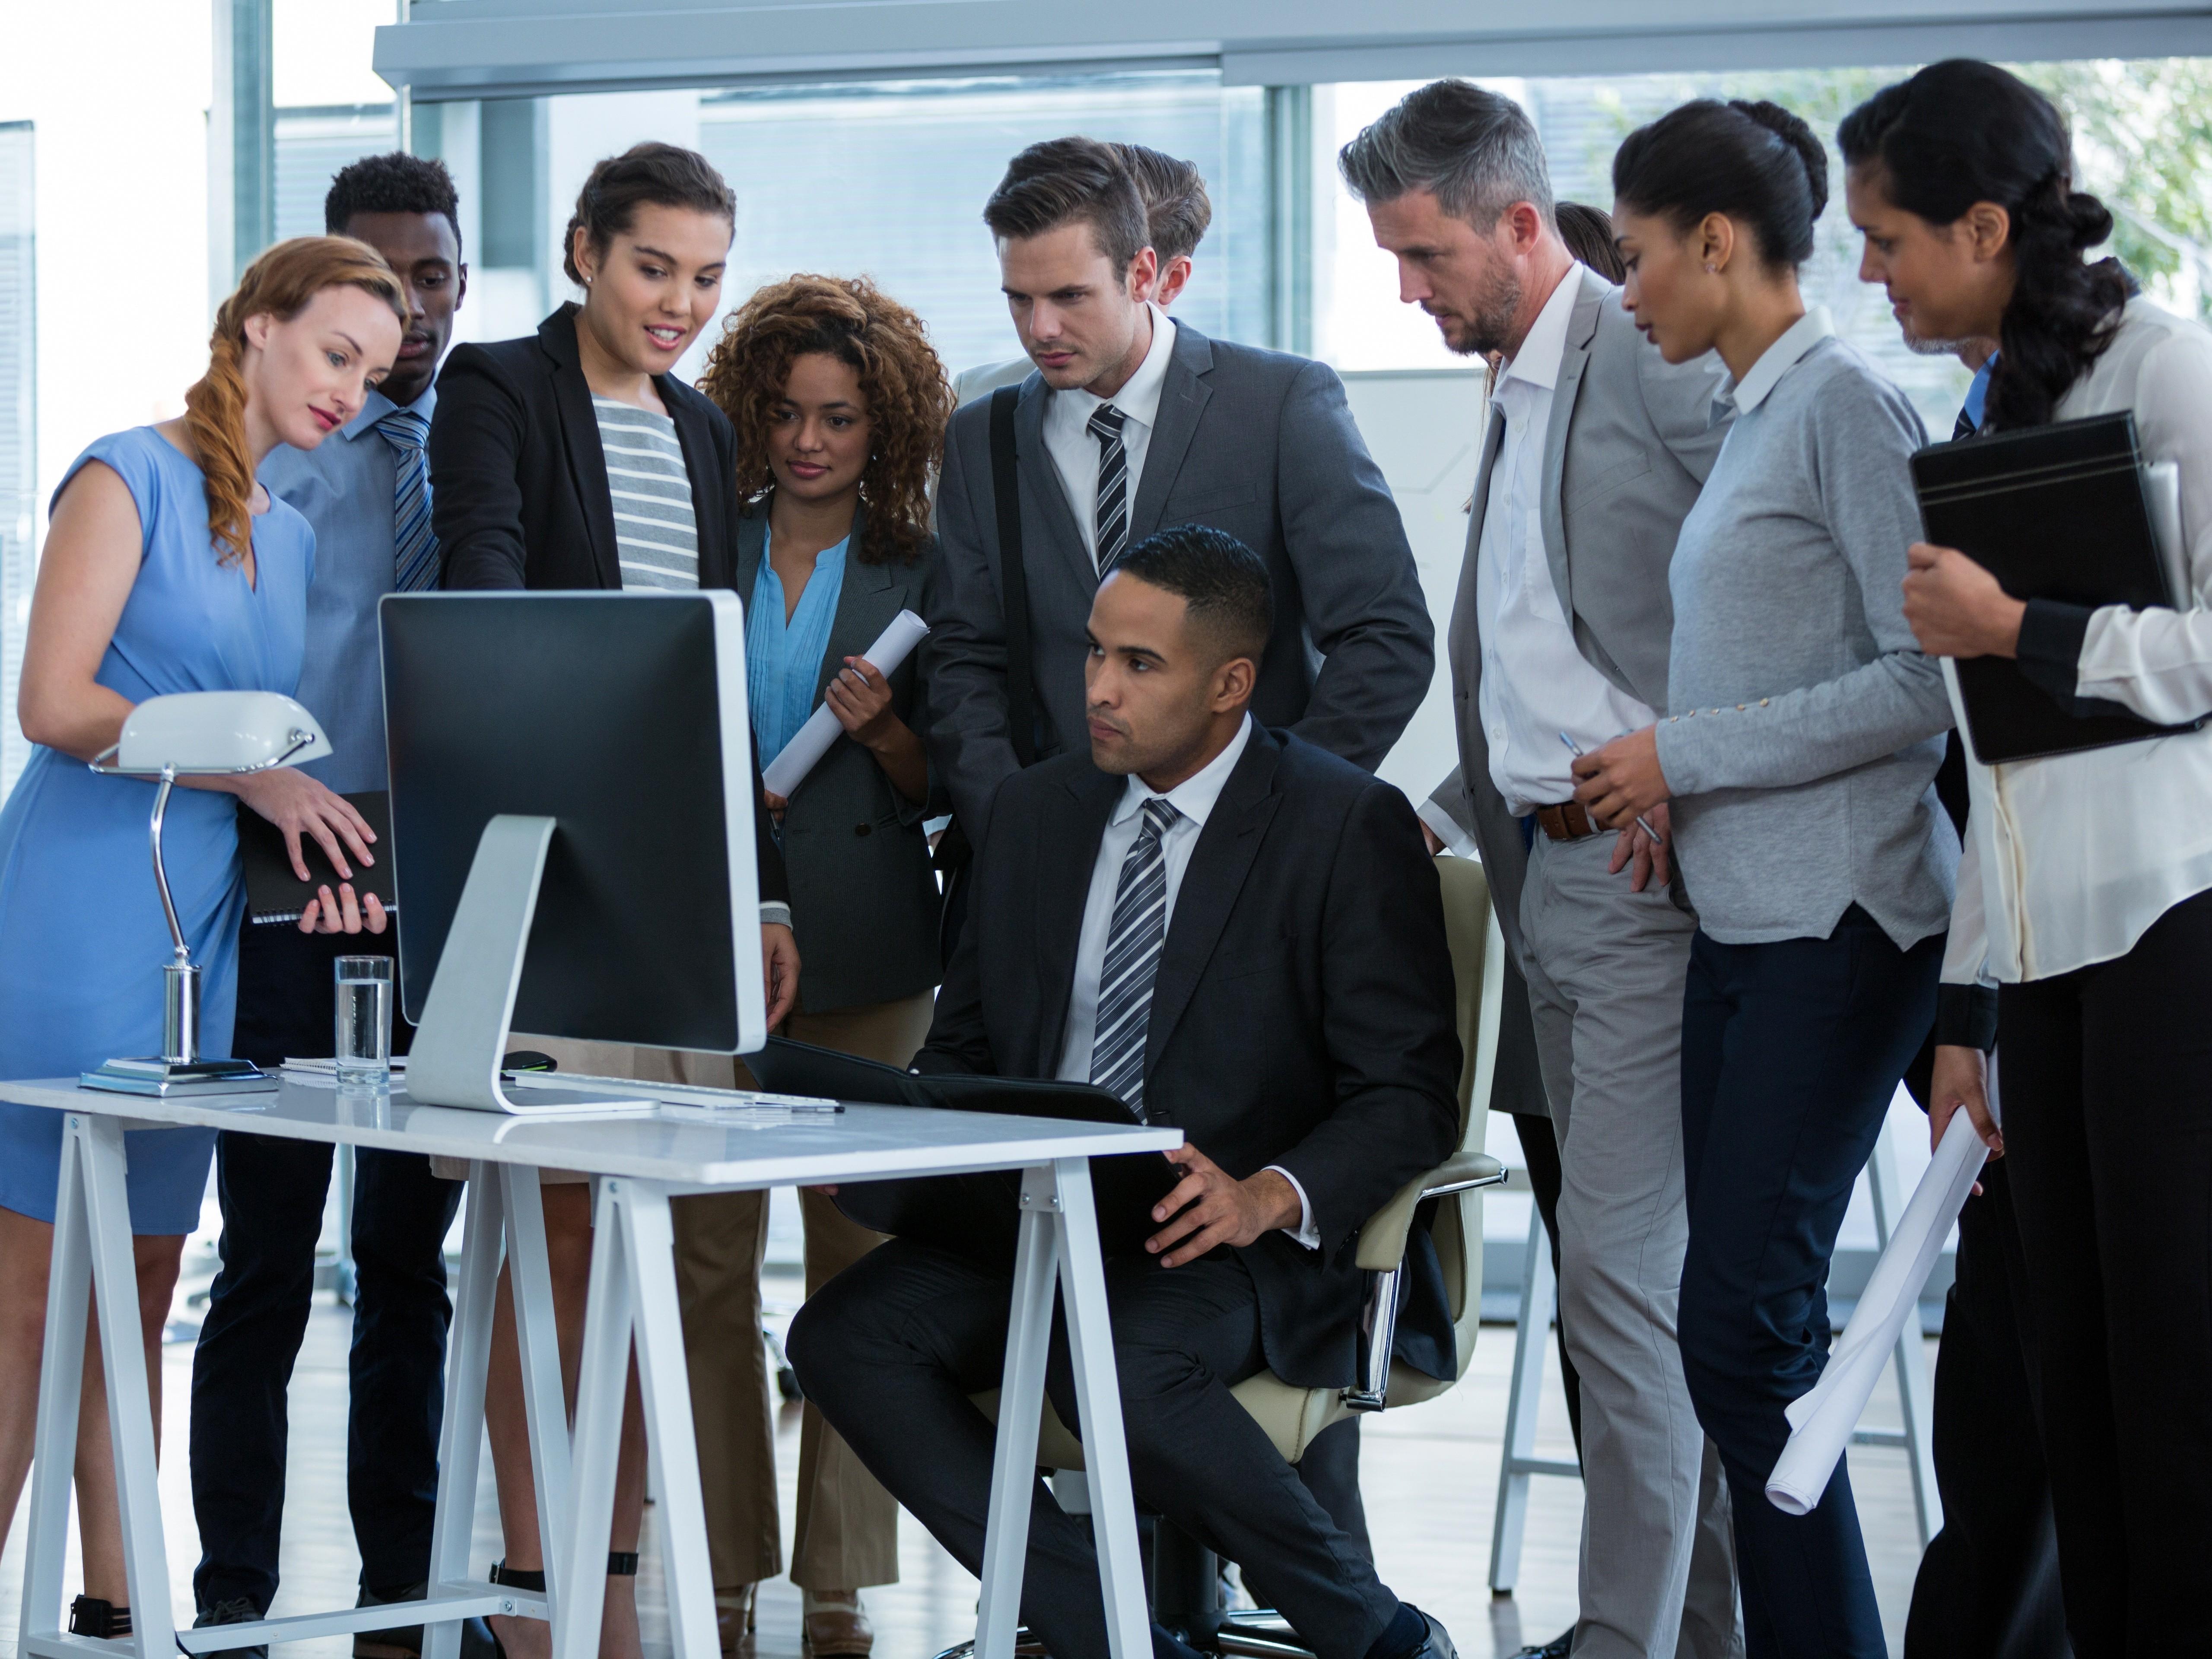 Evojob Jobs Stellenangebot für